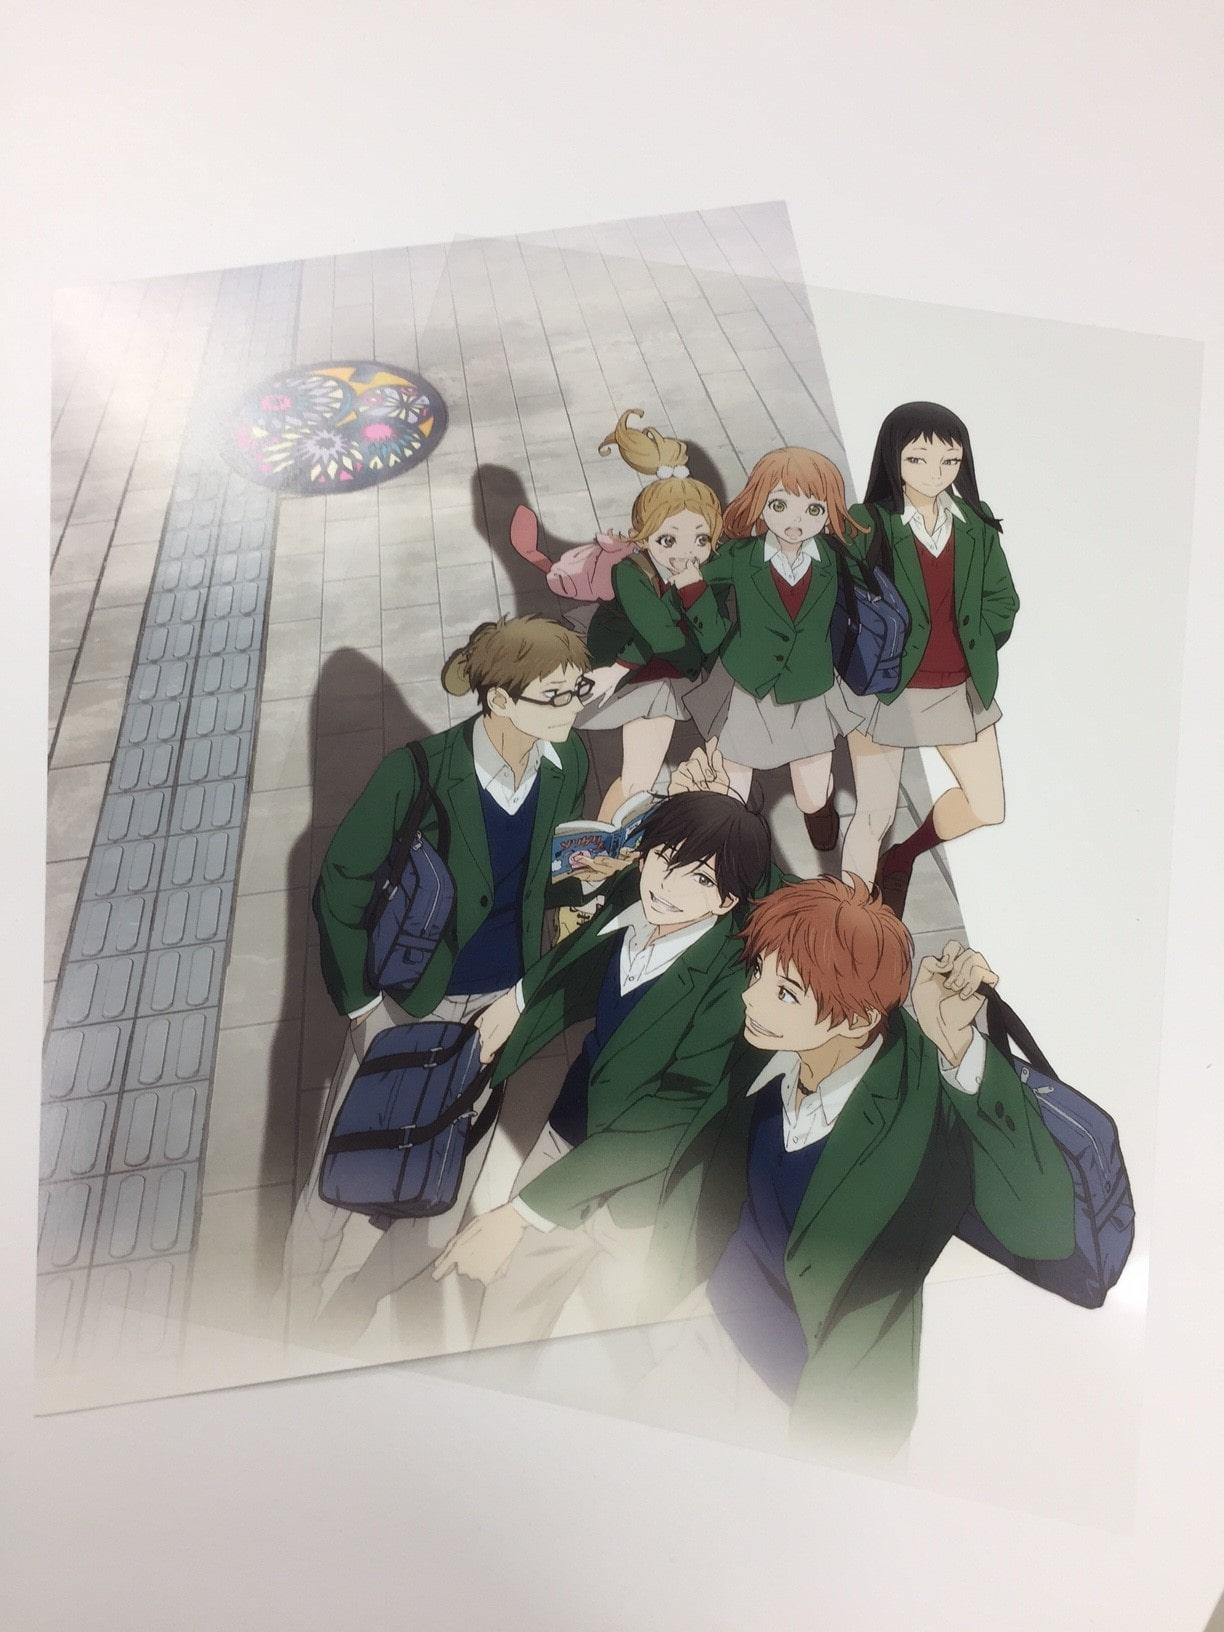 TVアニメ「orange」Vol.1 Blu-ray 初回生産限定版